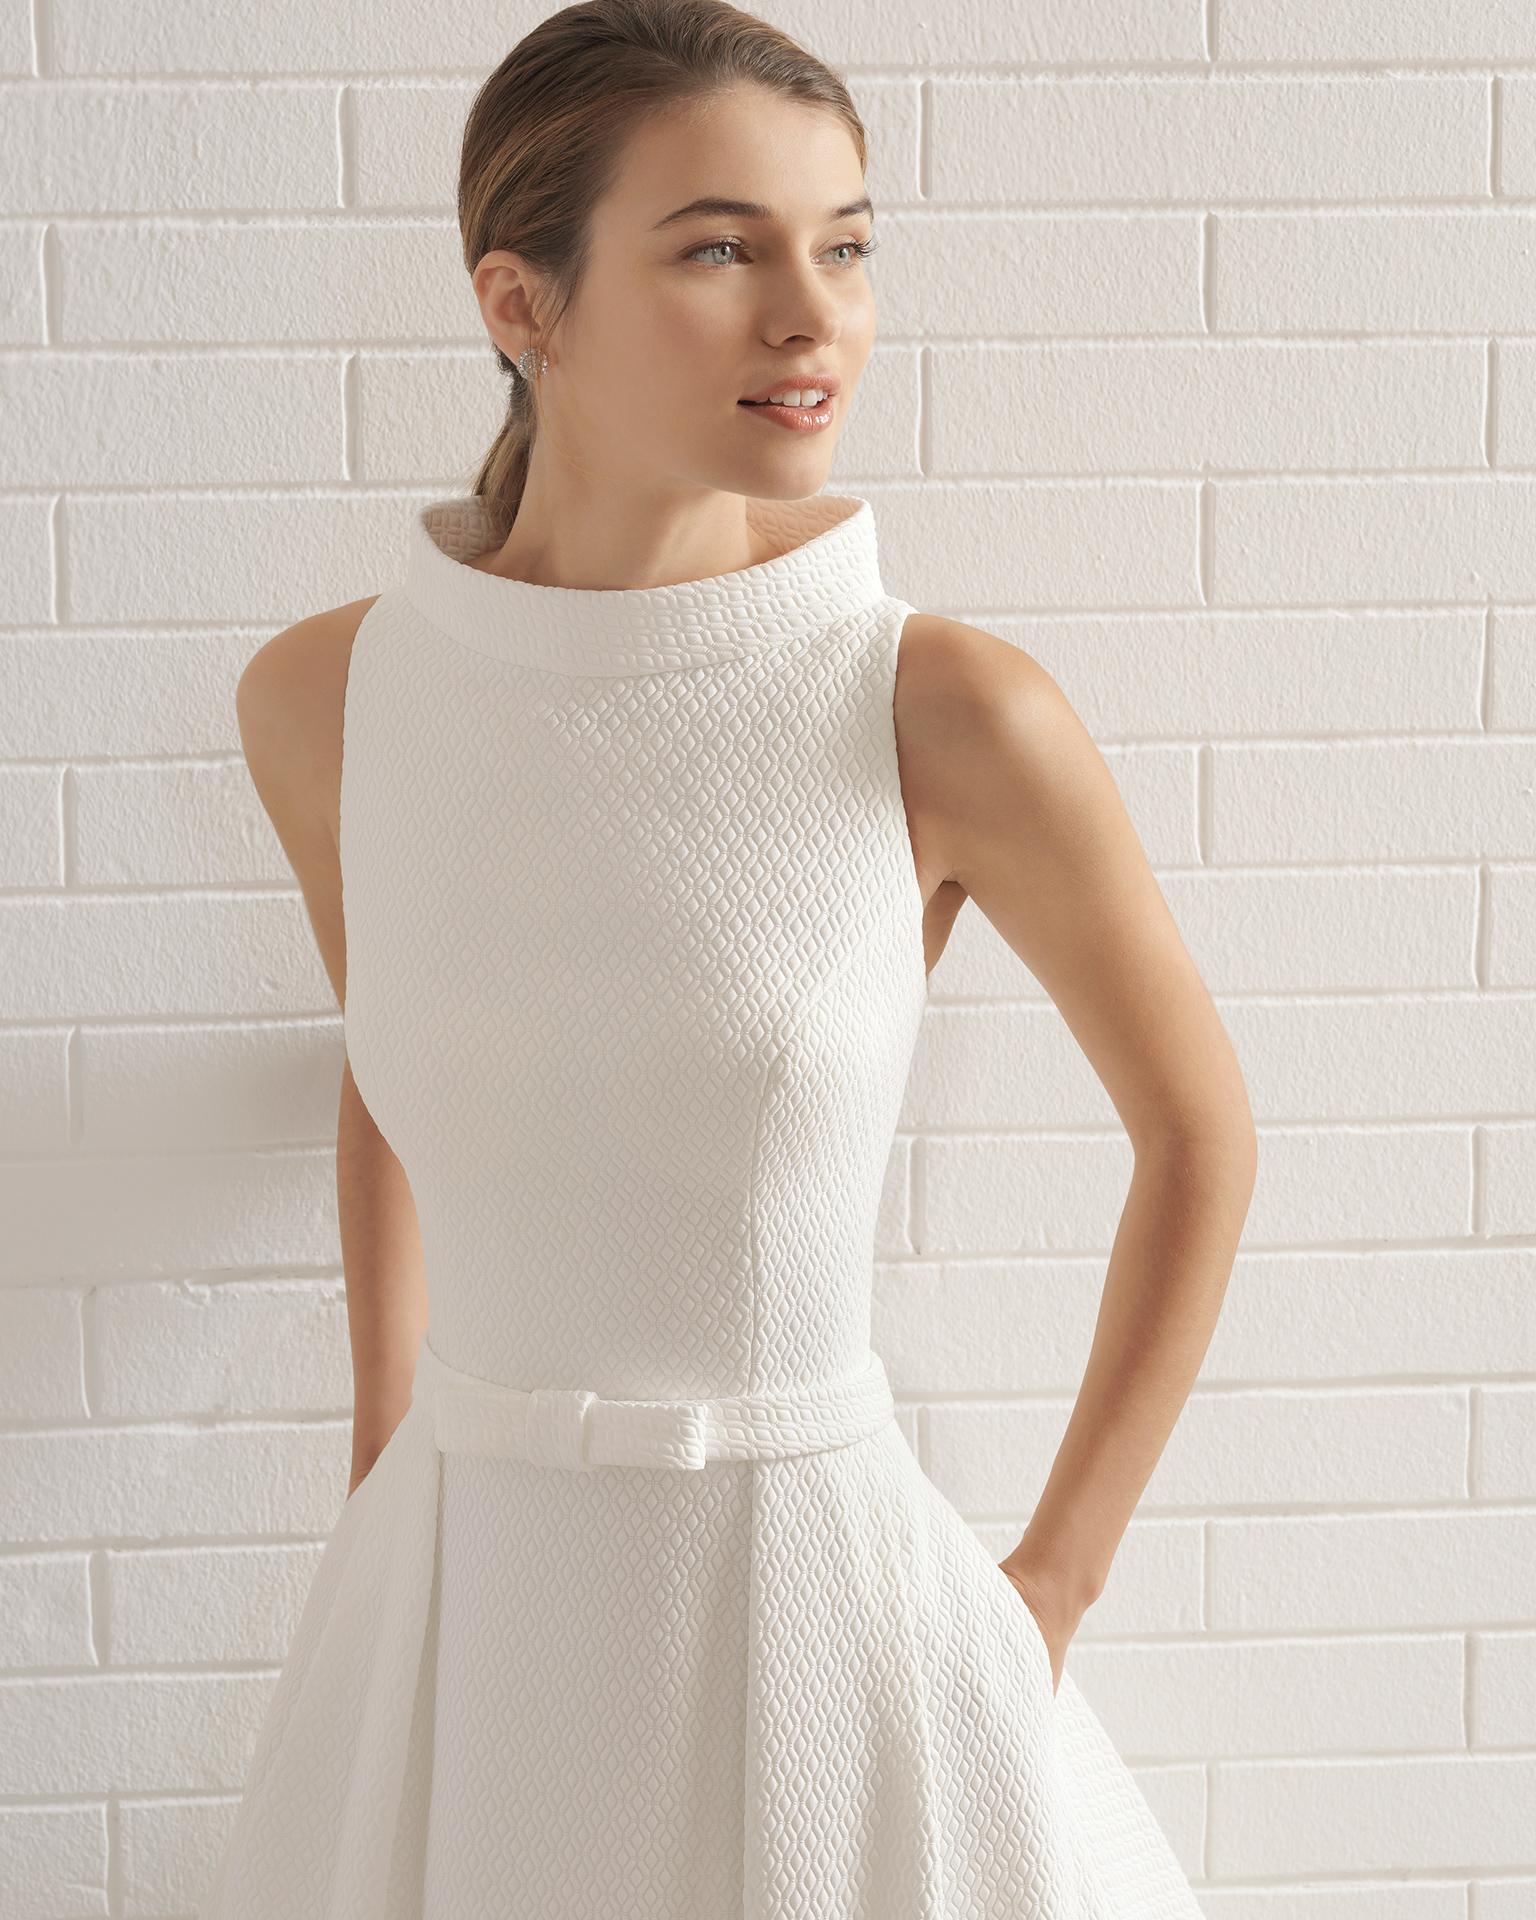 Vestido de novia estilo clásico en cloqué con escote barco con lazo en la cintura y bolsillos.